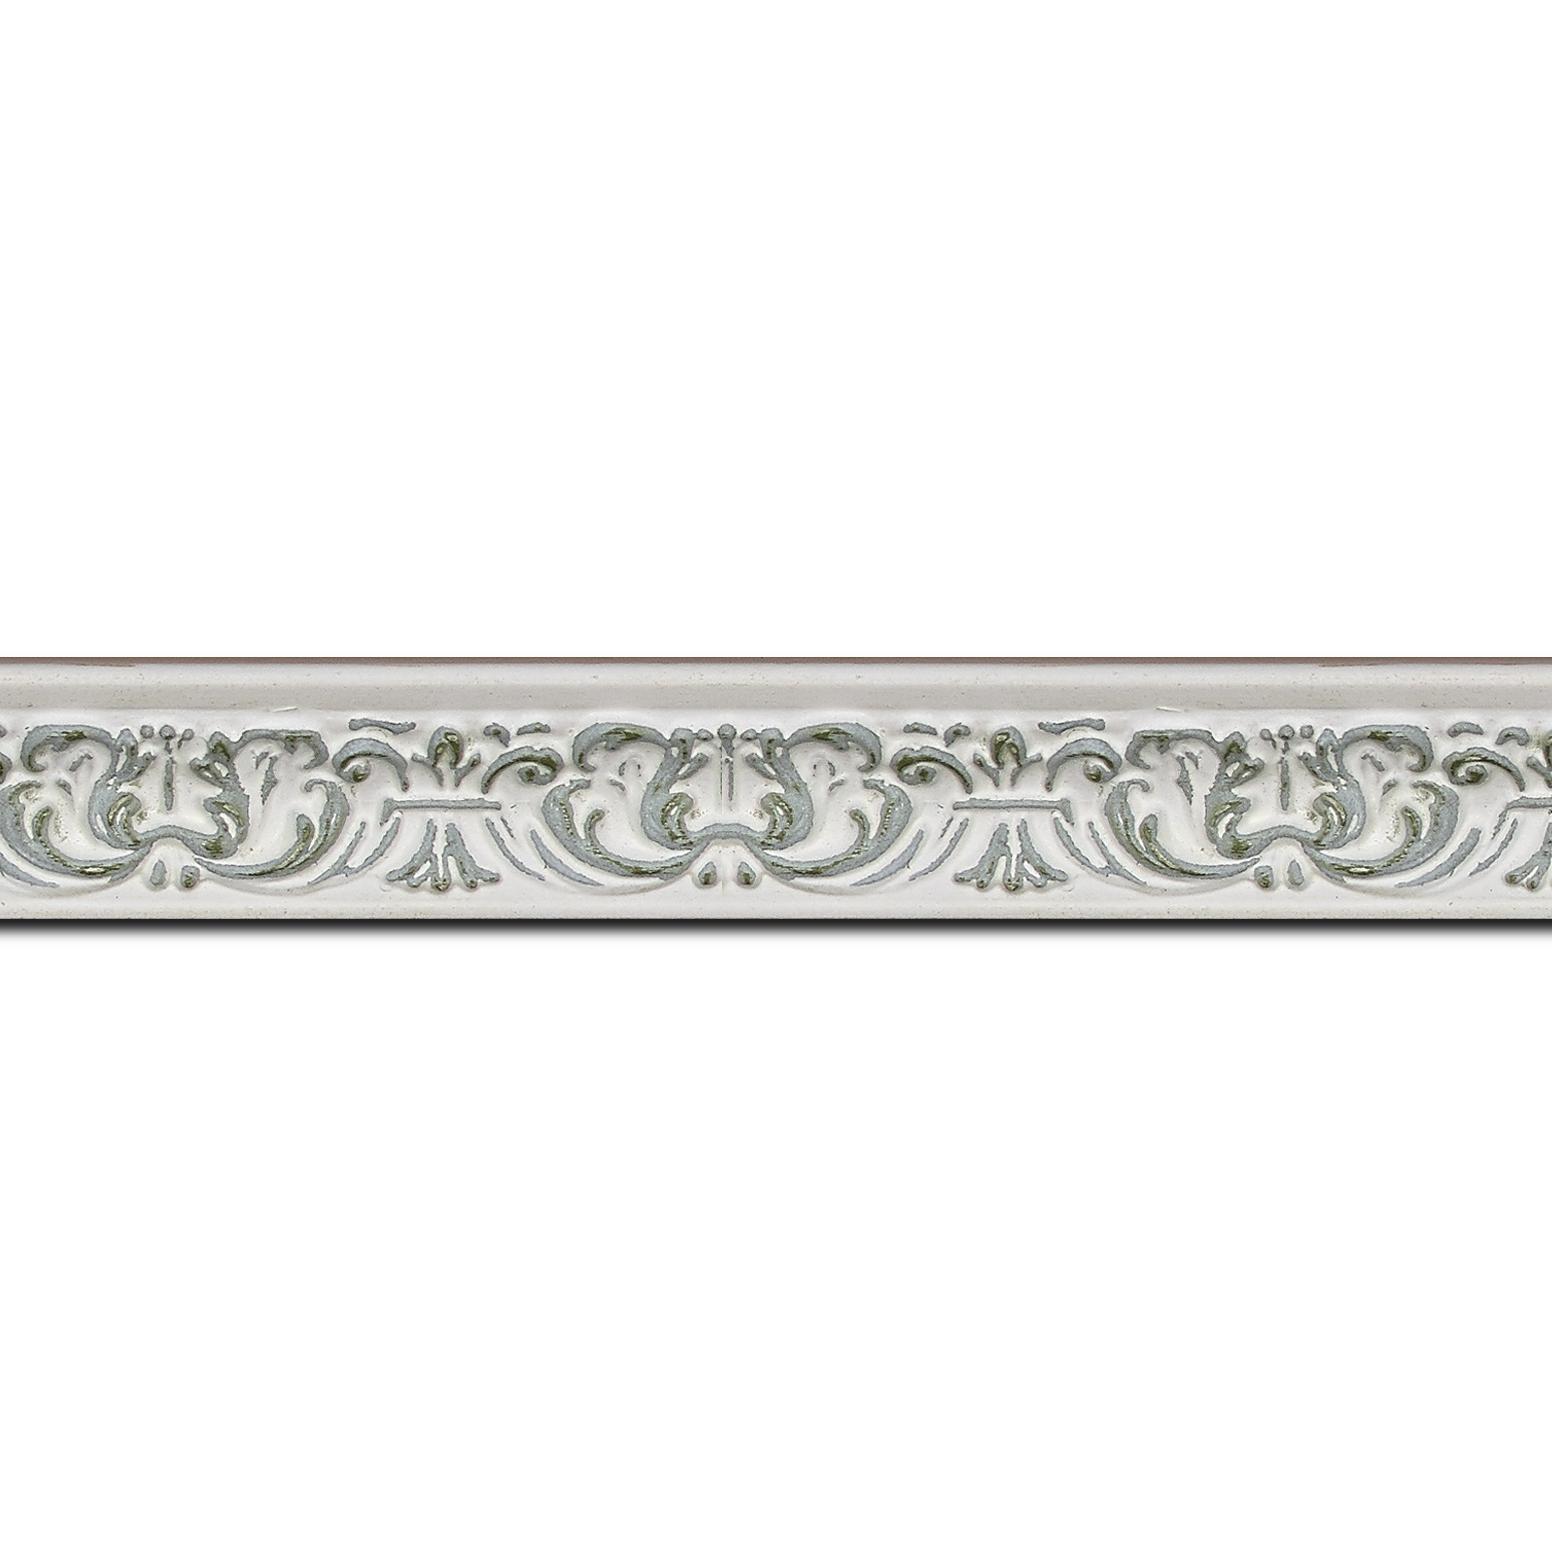 Baguette longueur 1.40m bois profil incurvé largeur 2.6cm couleur vert pale en relief sur fond blanchie